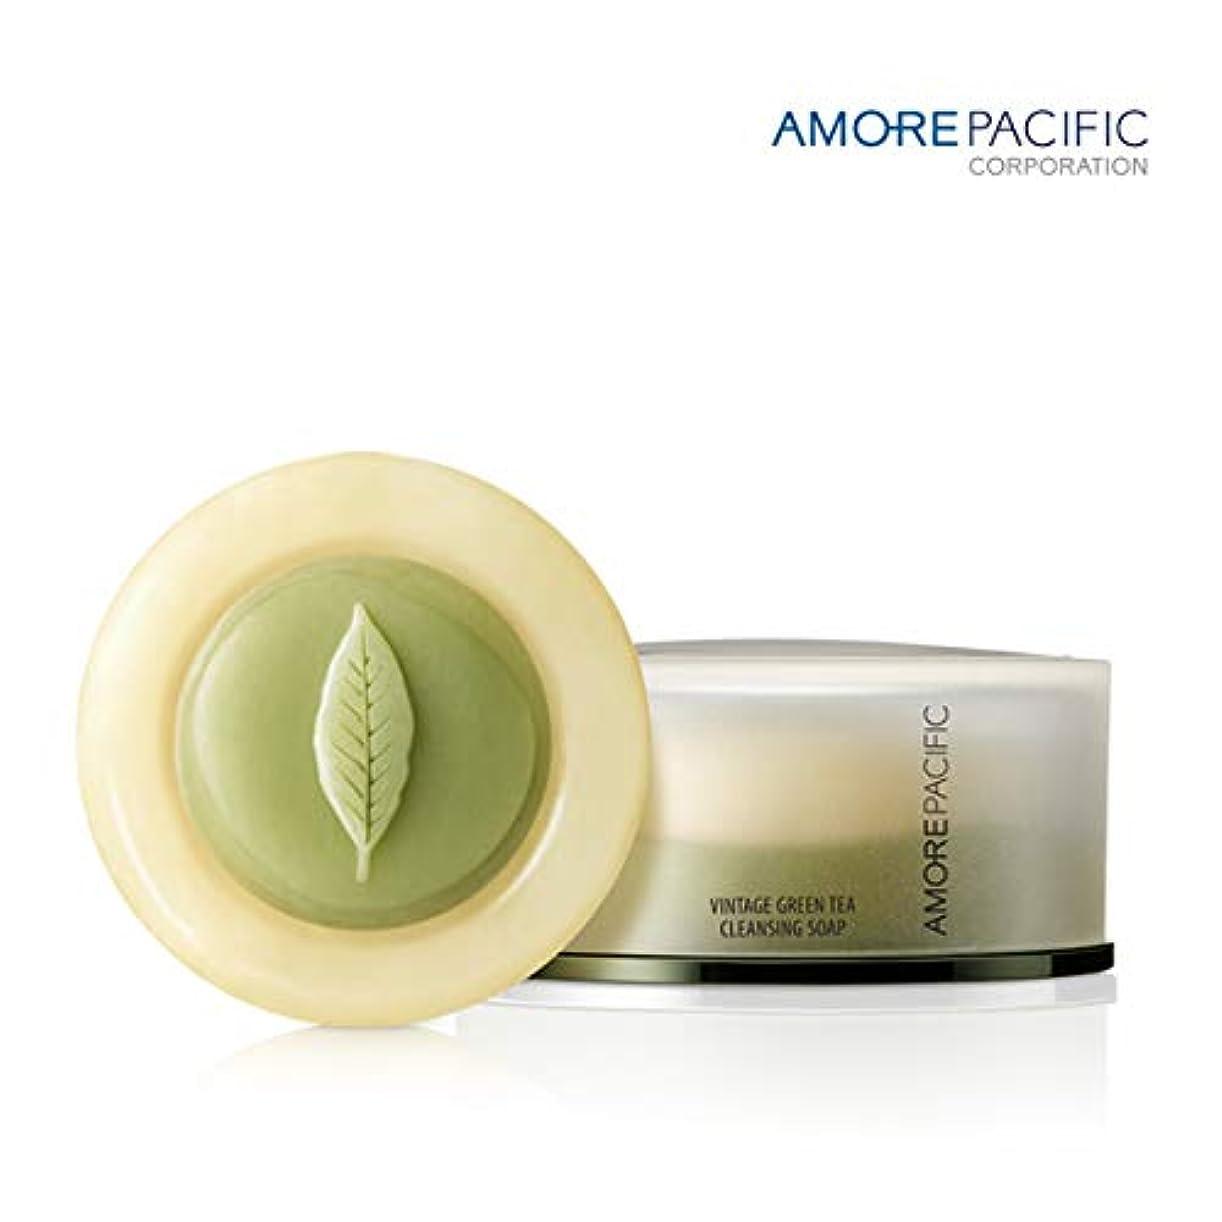 失望させる変装可能アモーレパシフィック(AMOREPACIFIC)トリートメント クレンジング ソープ (Treatment Cleansing Soap)140g